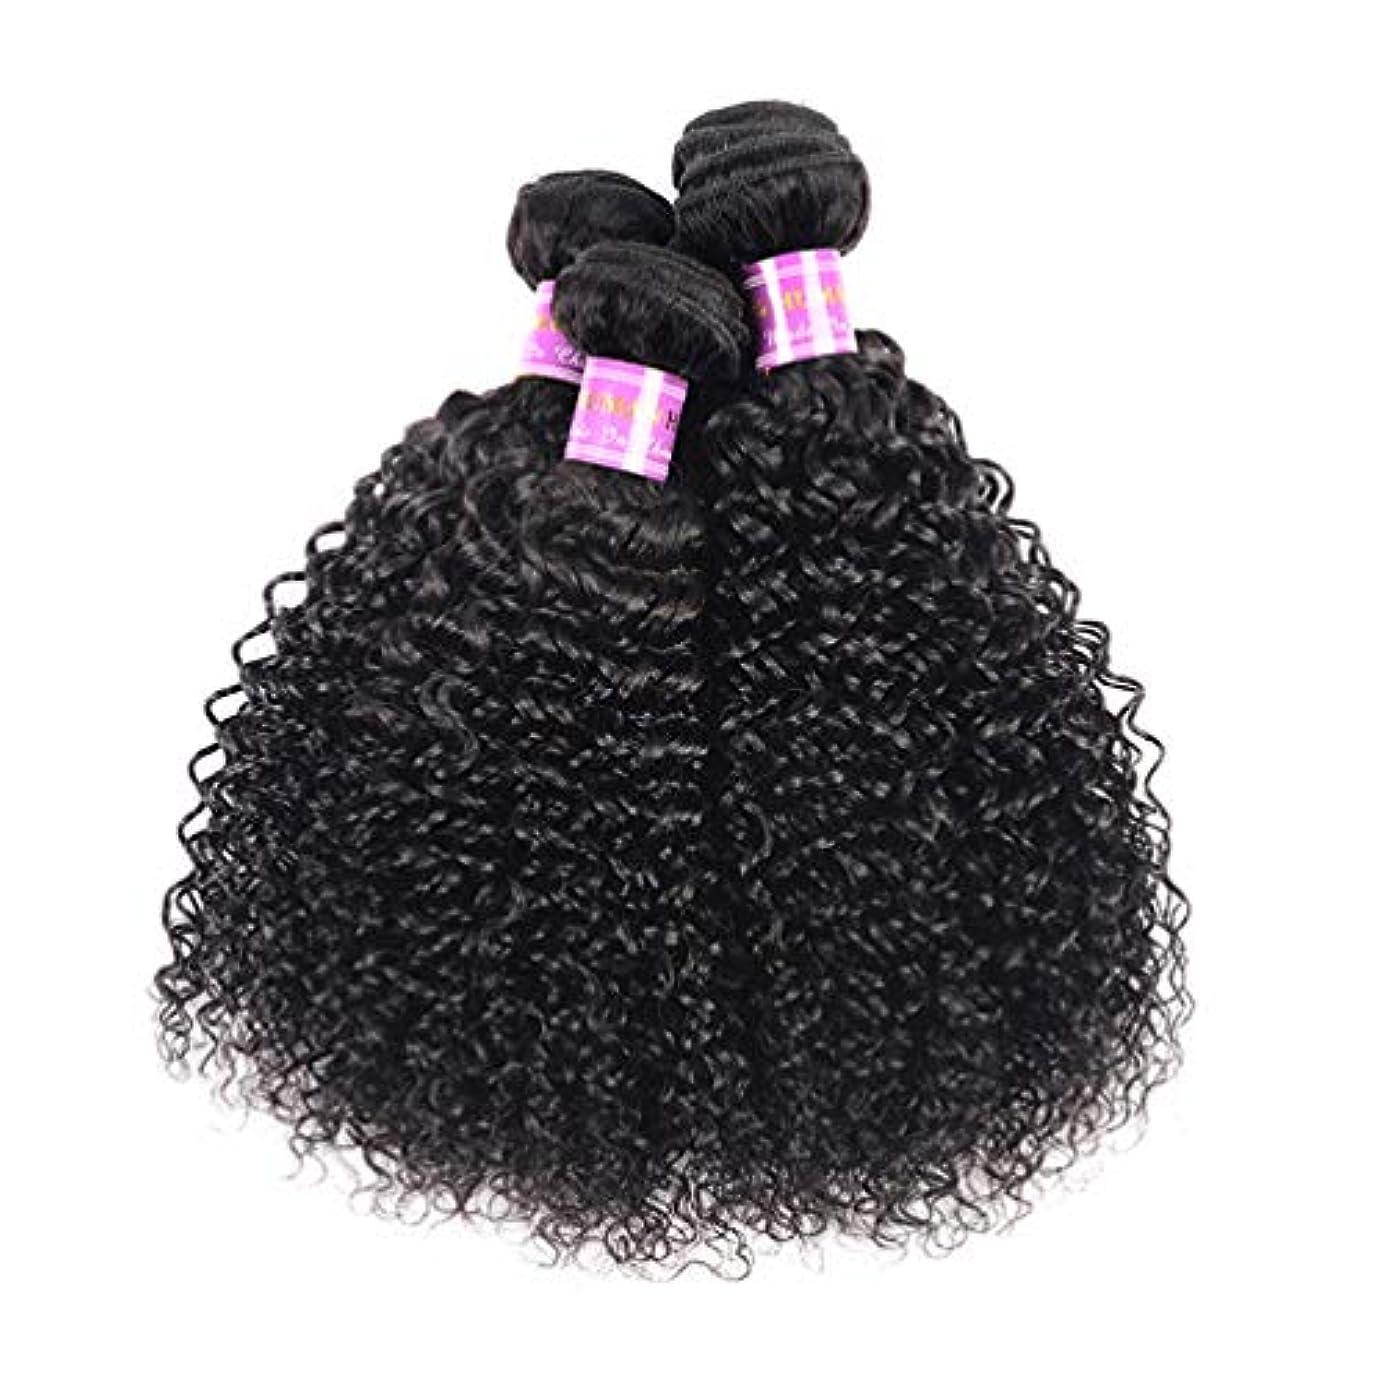 いじめっ子受け入れトリップブラジルの毛3の束10Aブラジルボディ波のバージンの毛100%未処理1B色の二重よこ糸の人間の毛髪延長